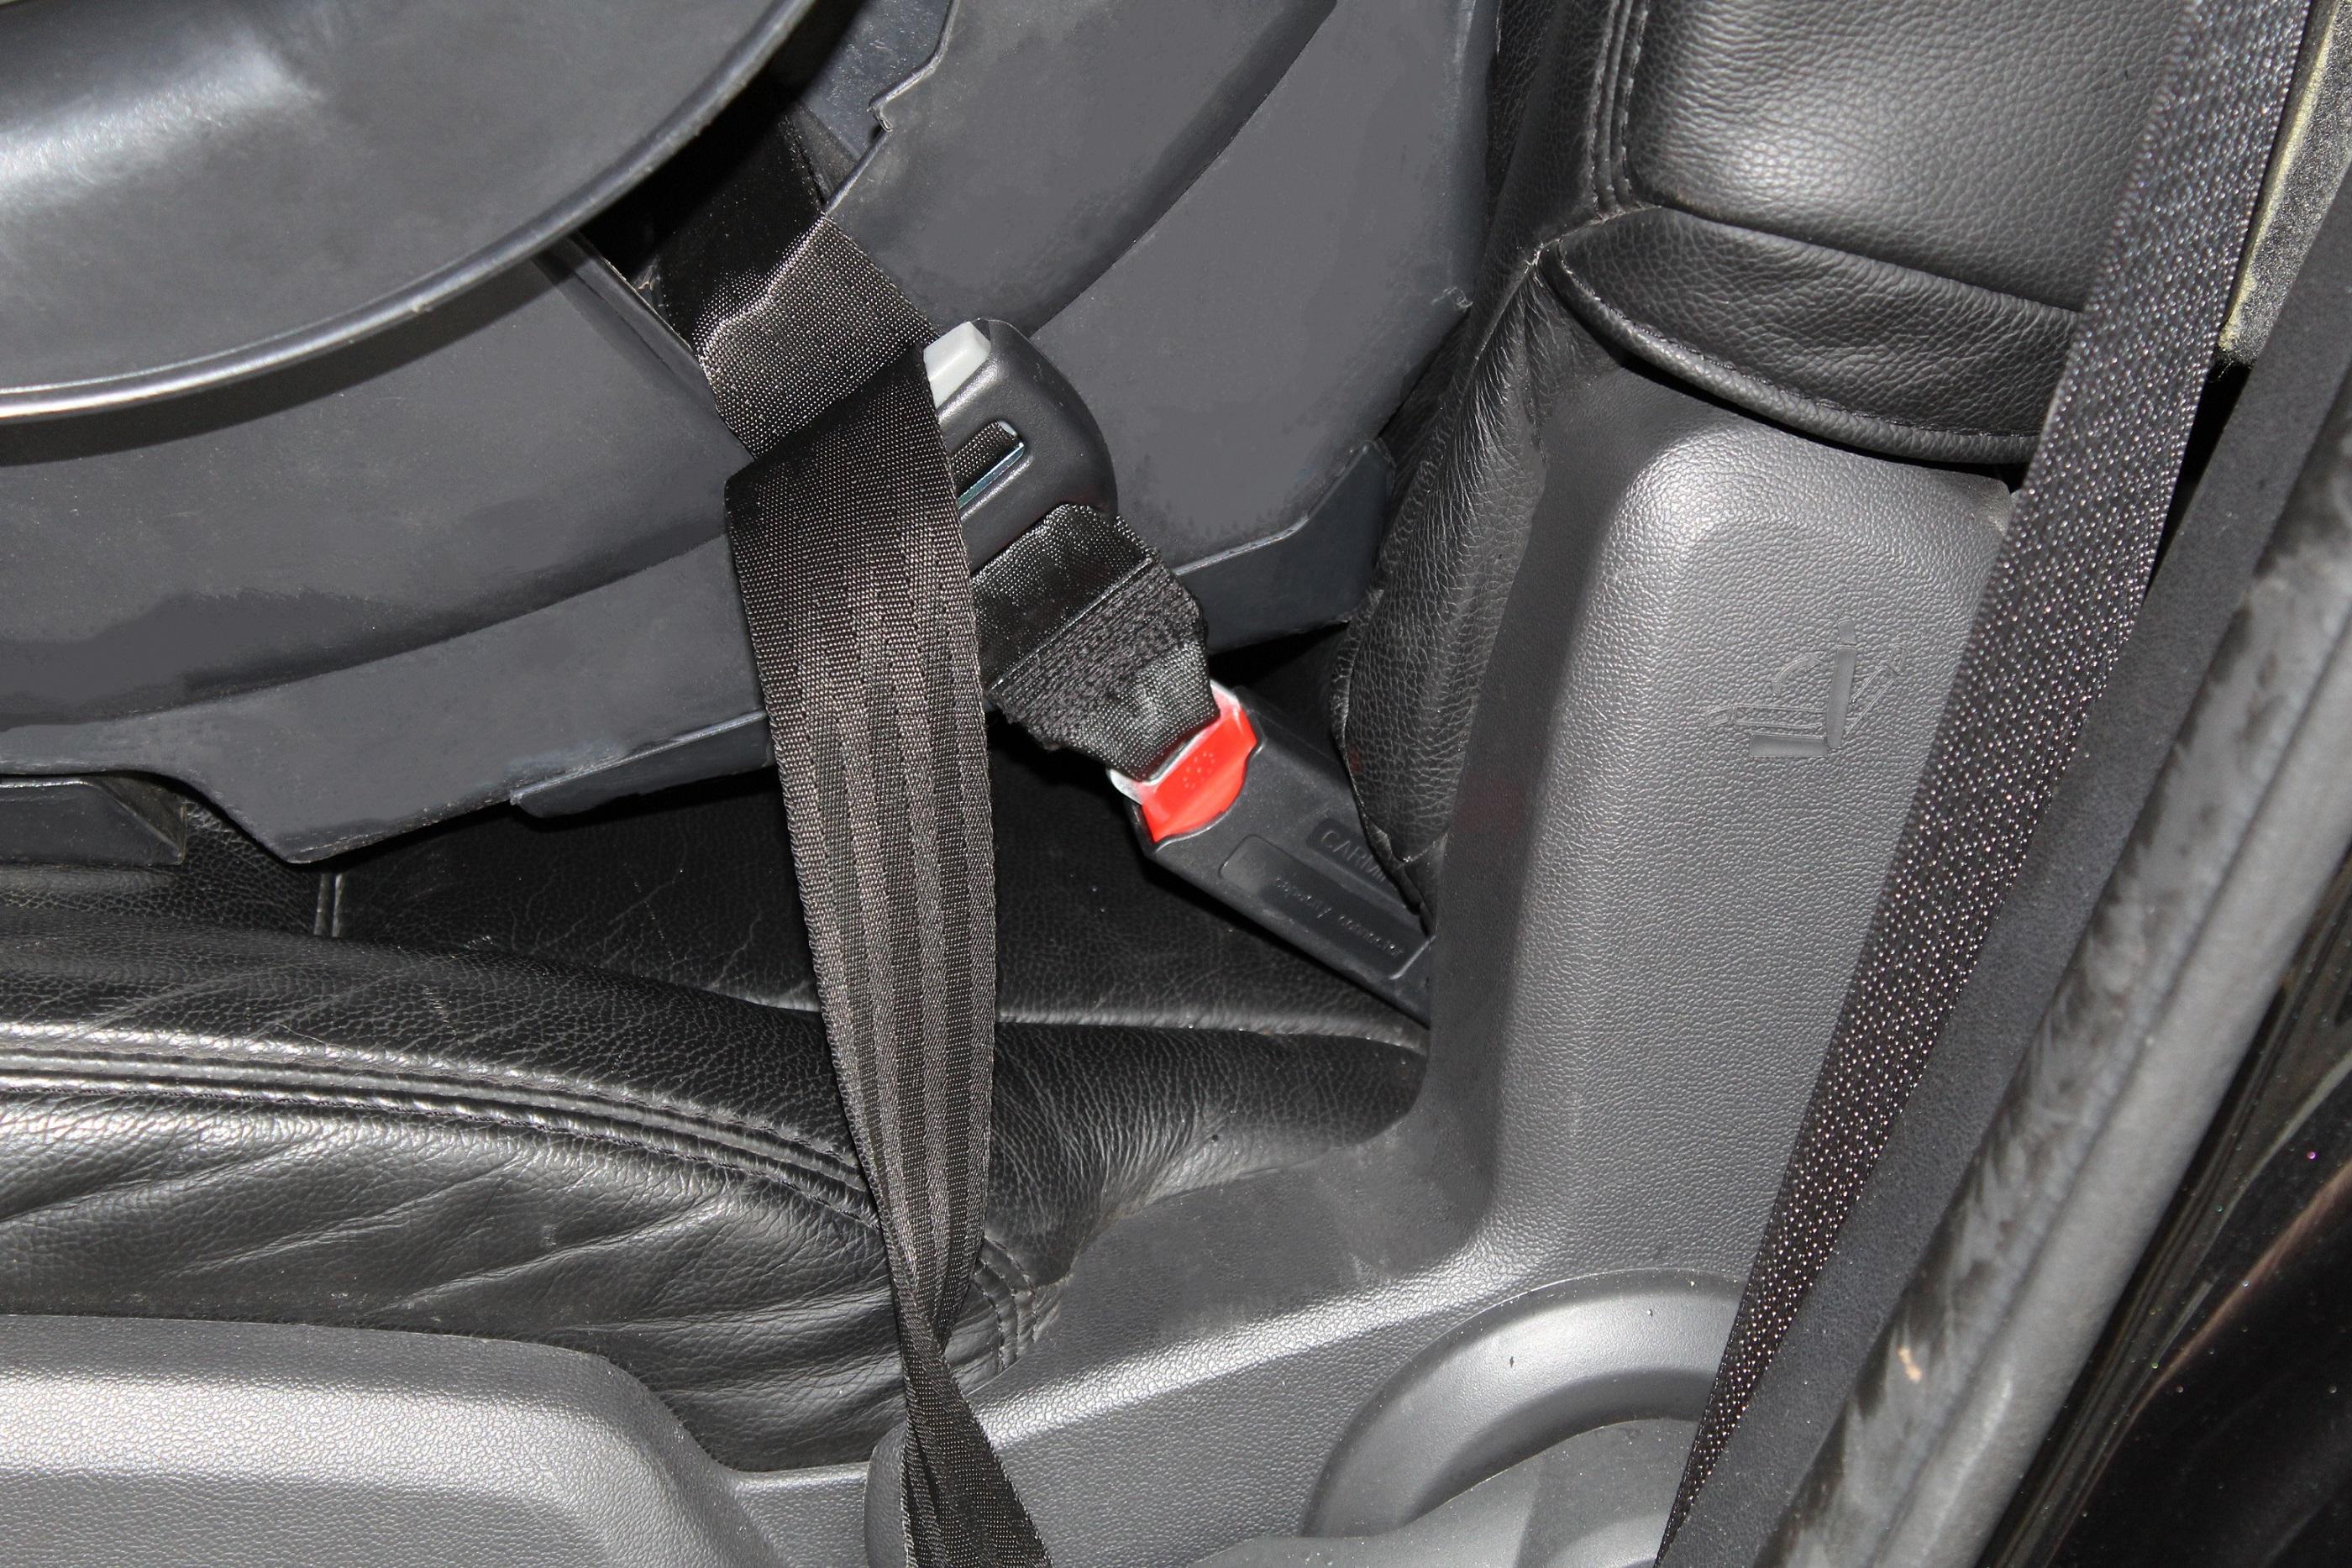 Adaptador para Isofix se encaixa no suporte do carro e pode ser usado com qualquer cadeirinha infantil, junto ao cinto de segurança.